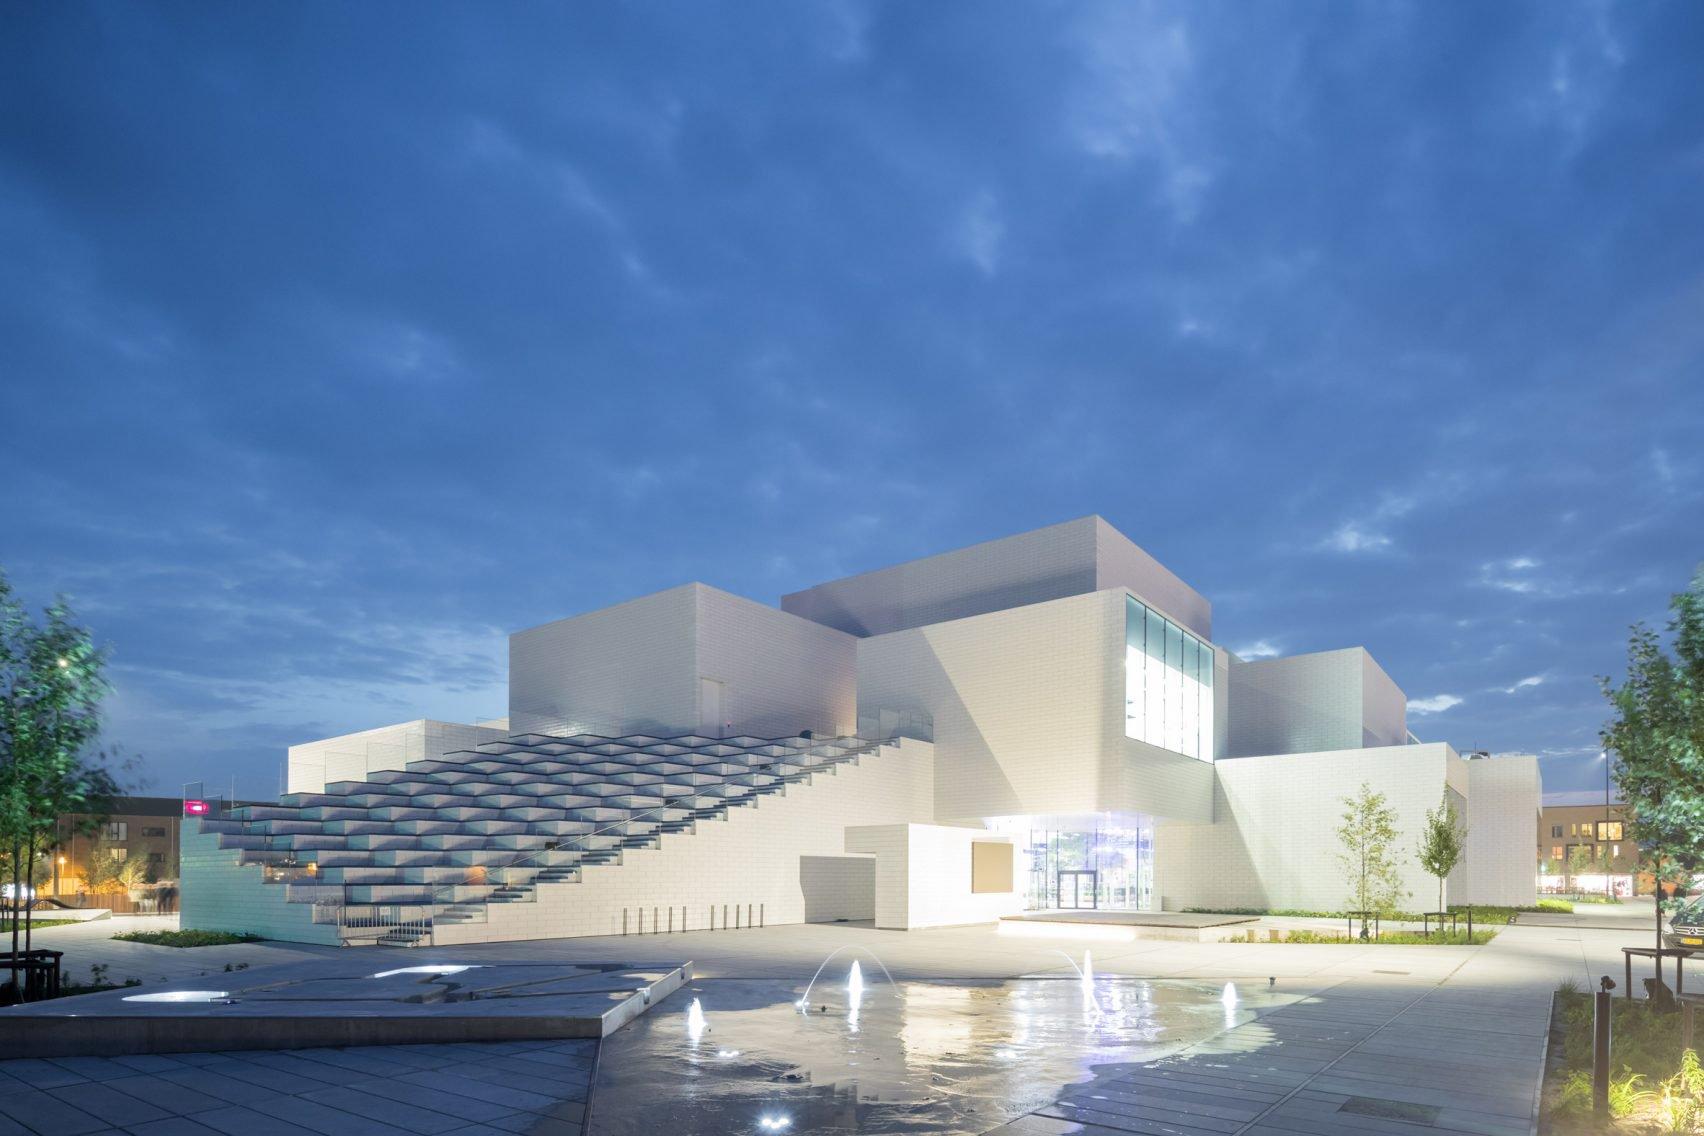 lego-house-big-photographs-iwan-baan-billund-denmark-architecture_dezeen_2364_col_15-1704x1136.jpg